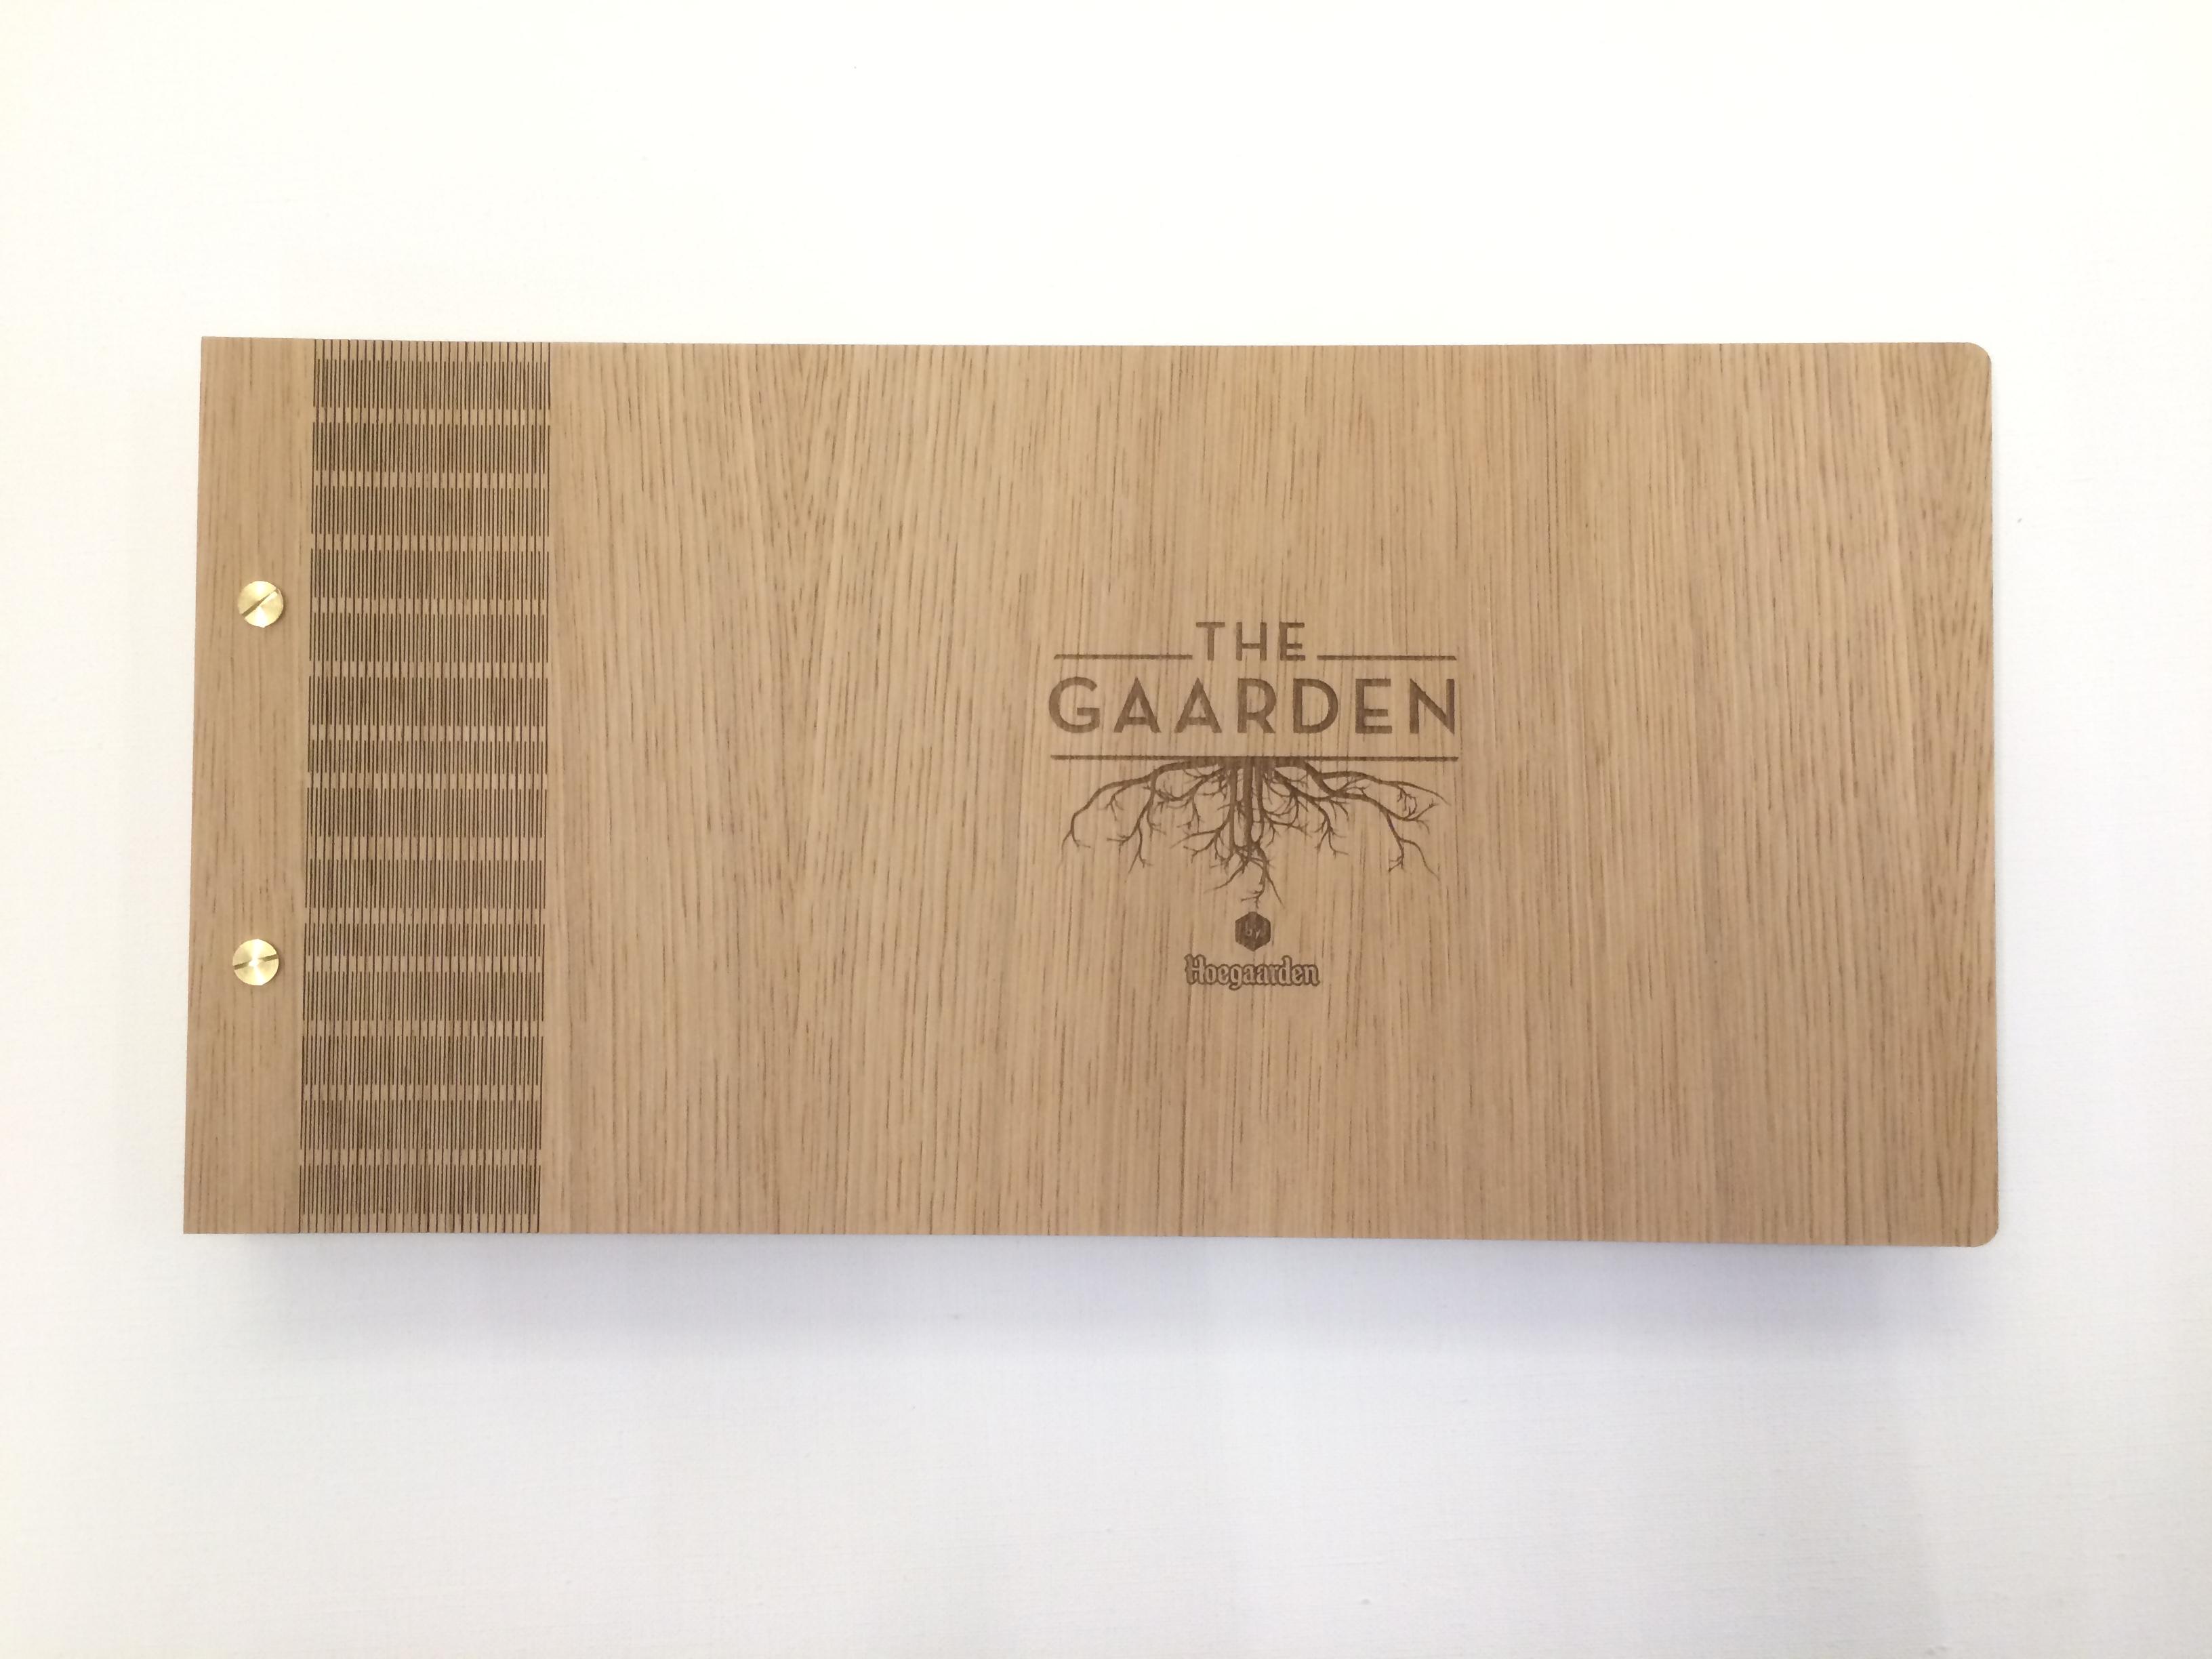 Livre the gaarden by Hoegaarden